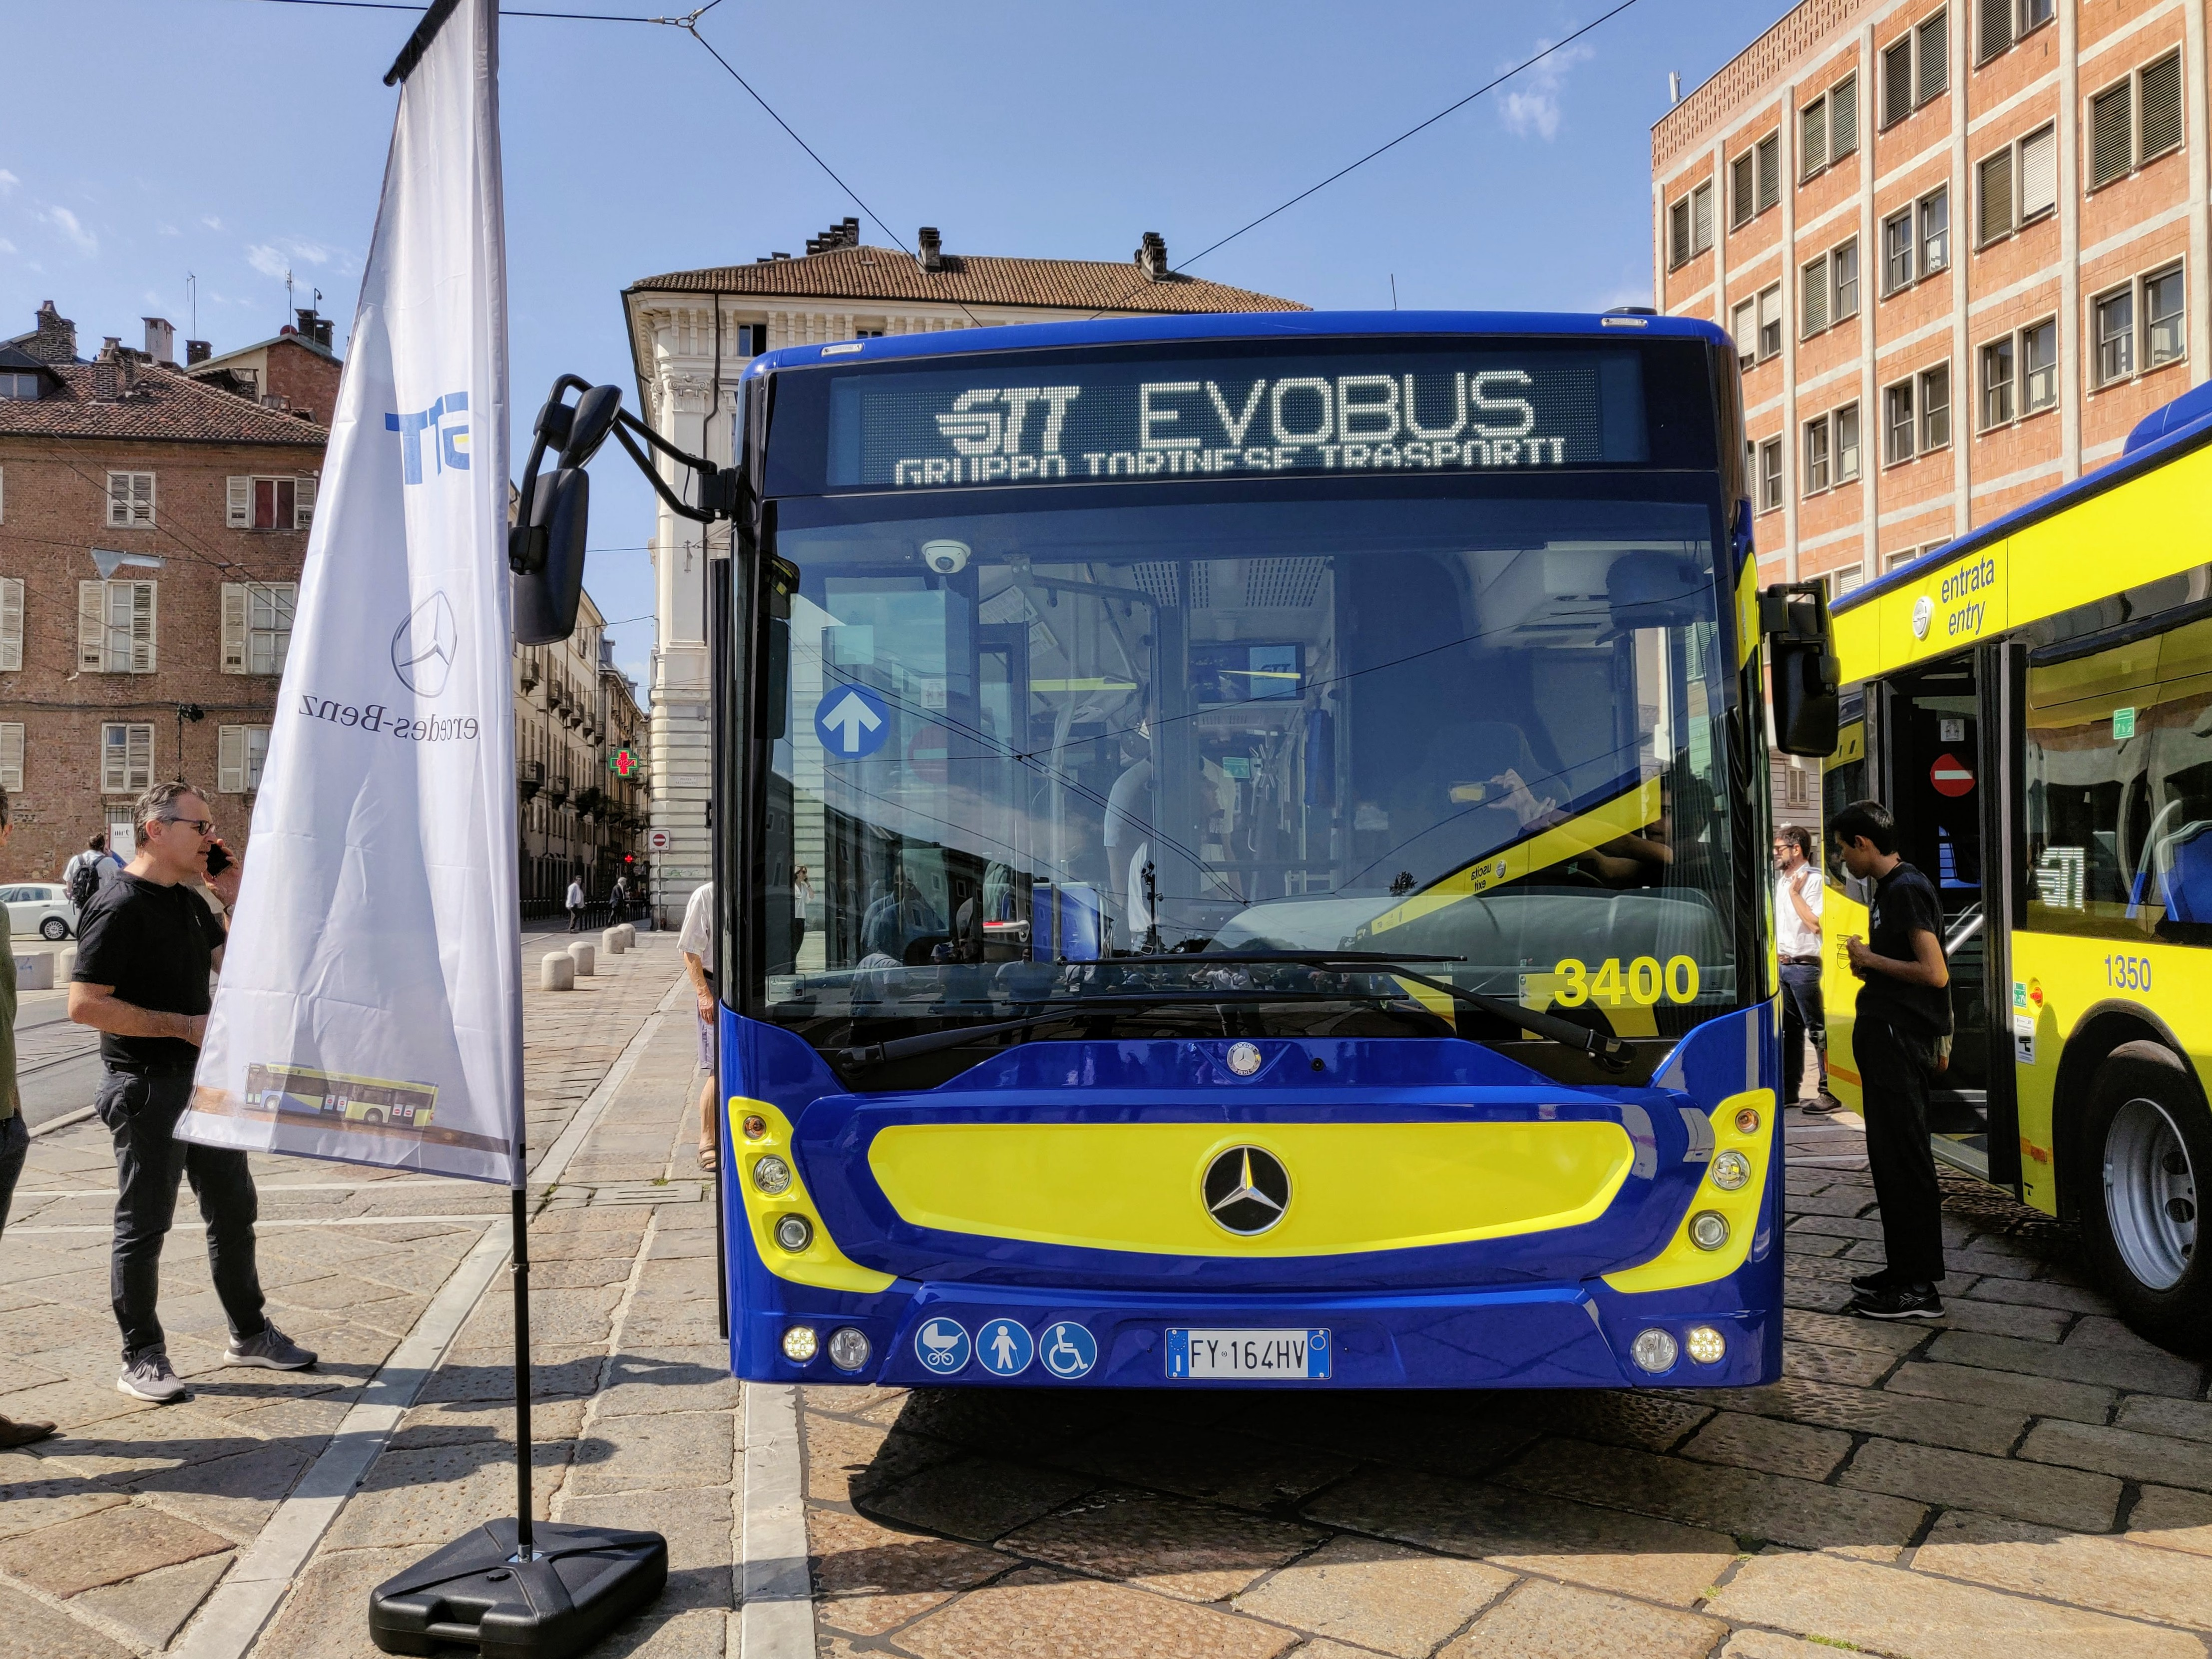 Nuovi autobus GTT a Torino fronte